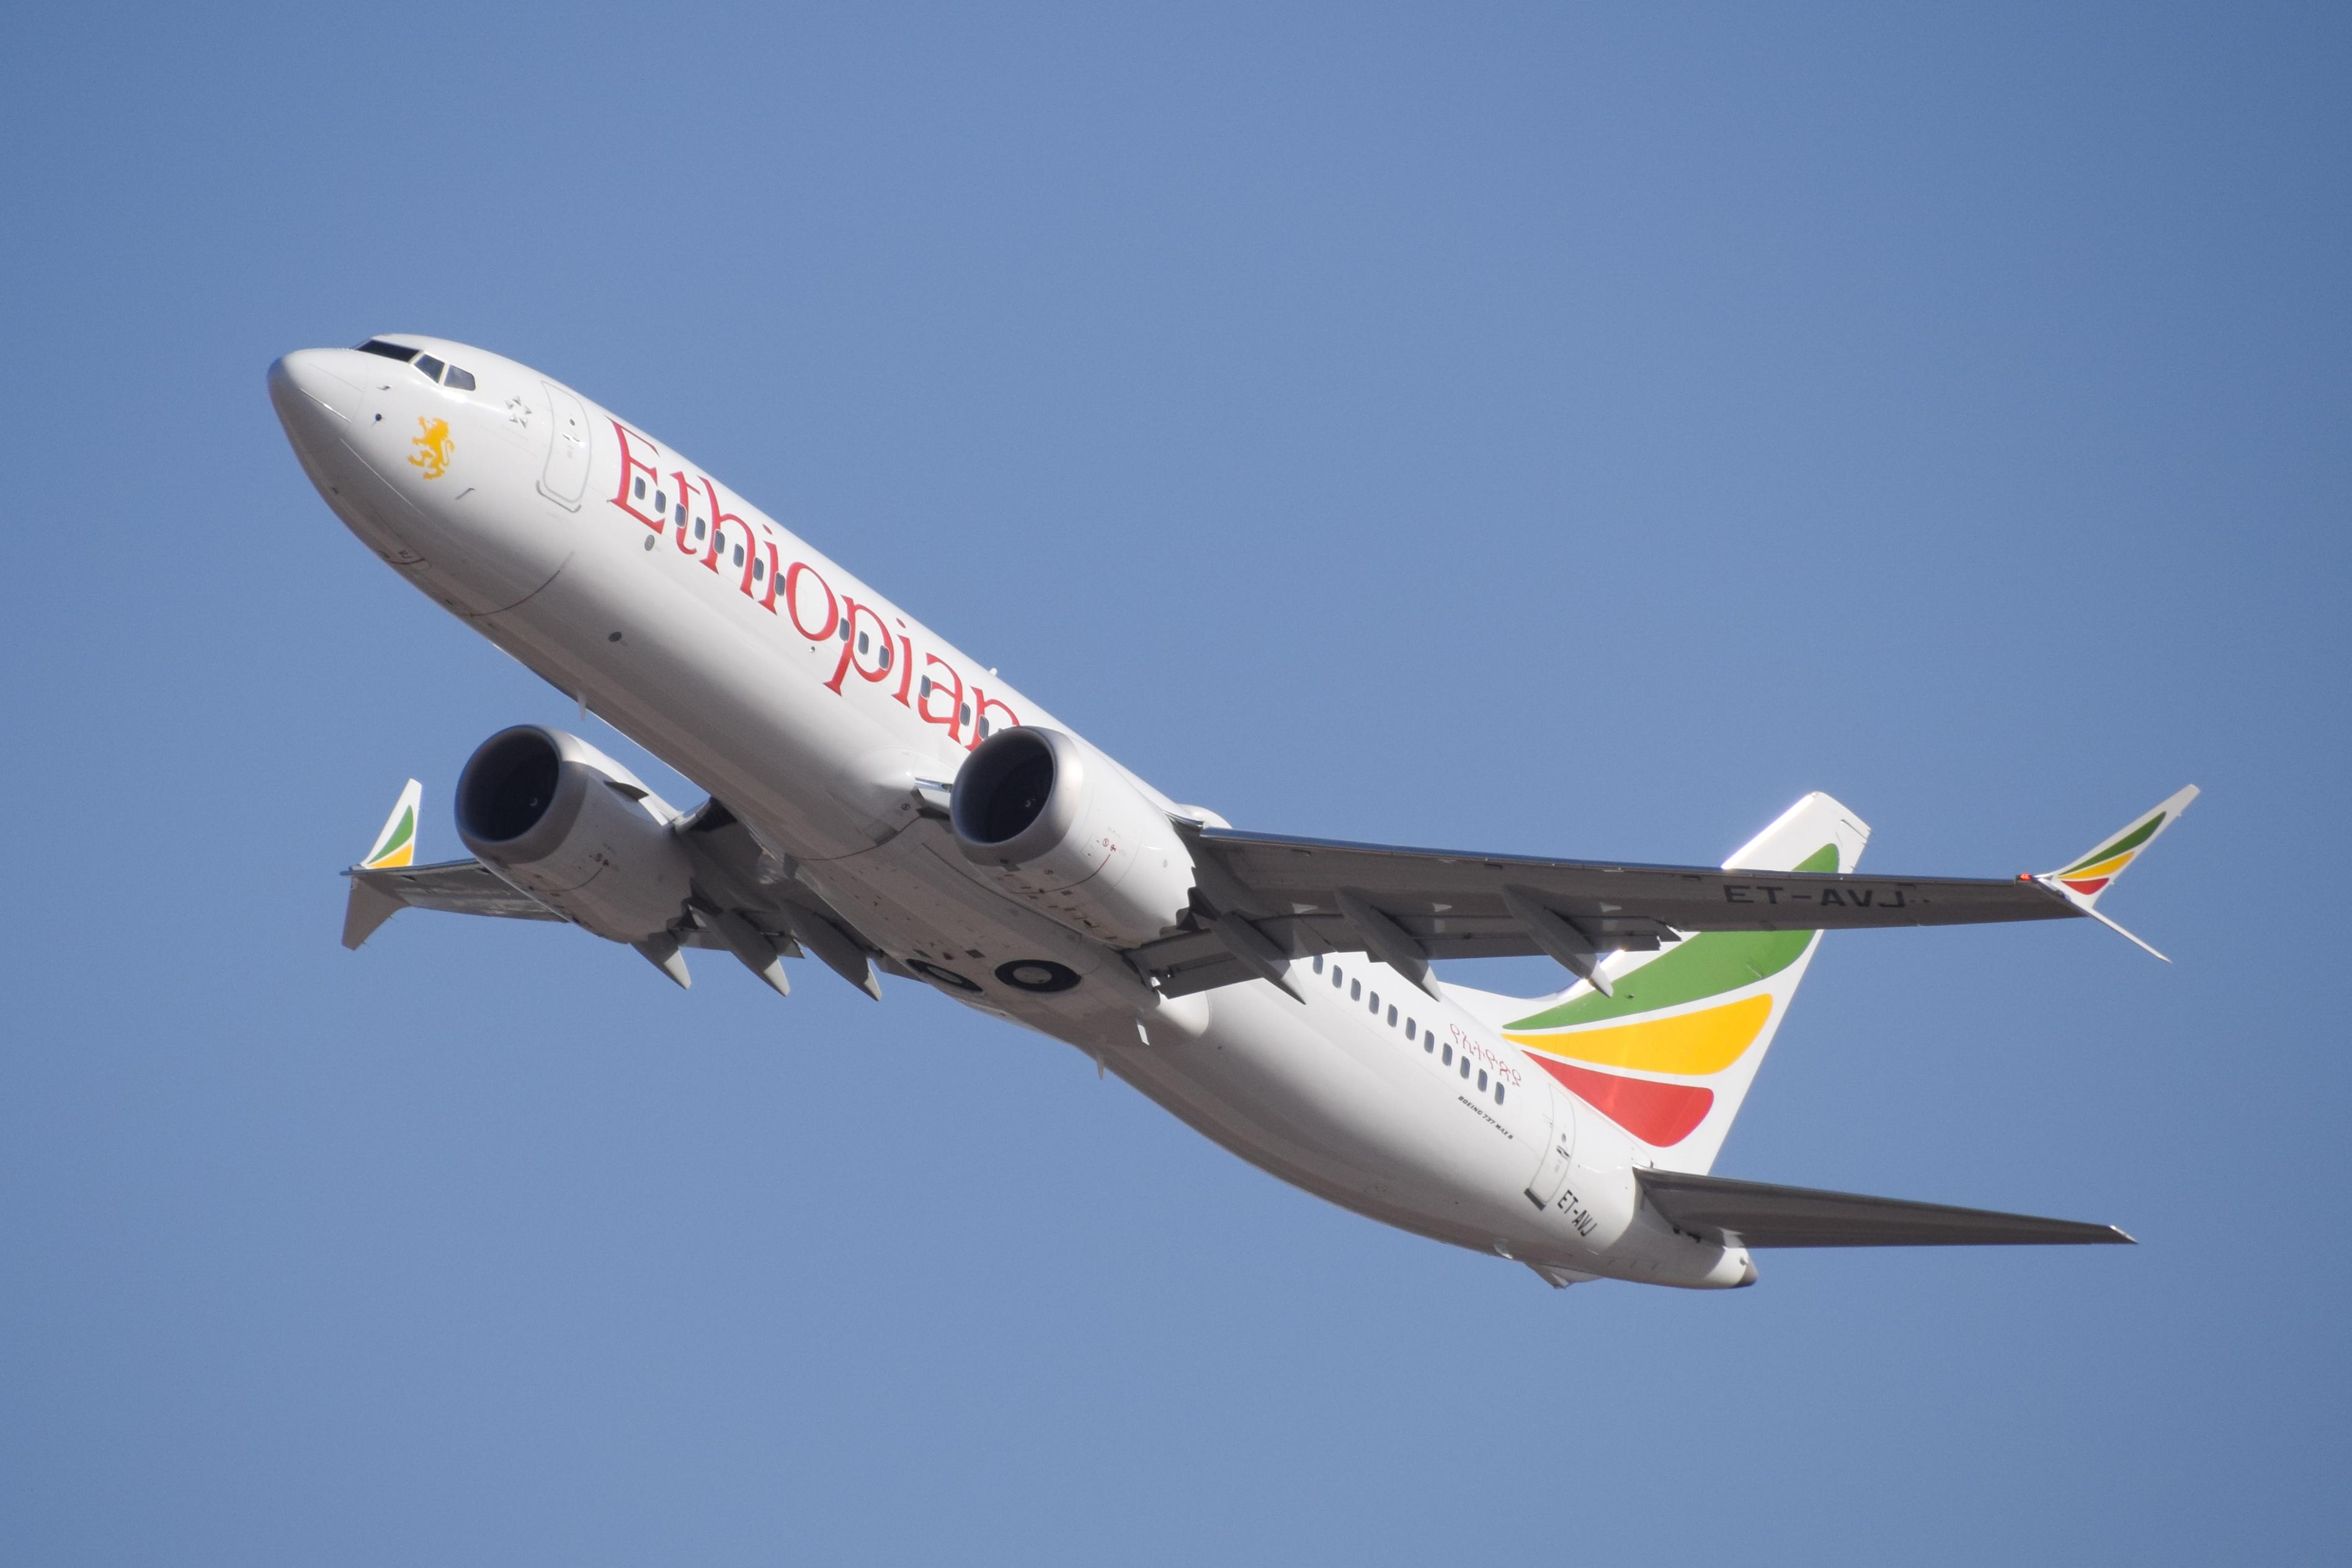 Le vol ET302 d'Ethiopian Airlines, exploité sur un Boeing 737 MAX 8, s'est écrasé six minutes après le décollage, tuant les 157 passagers à bord.